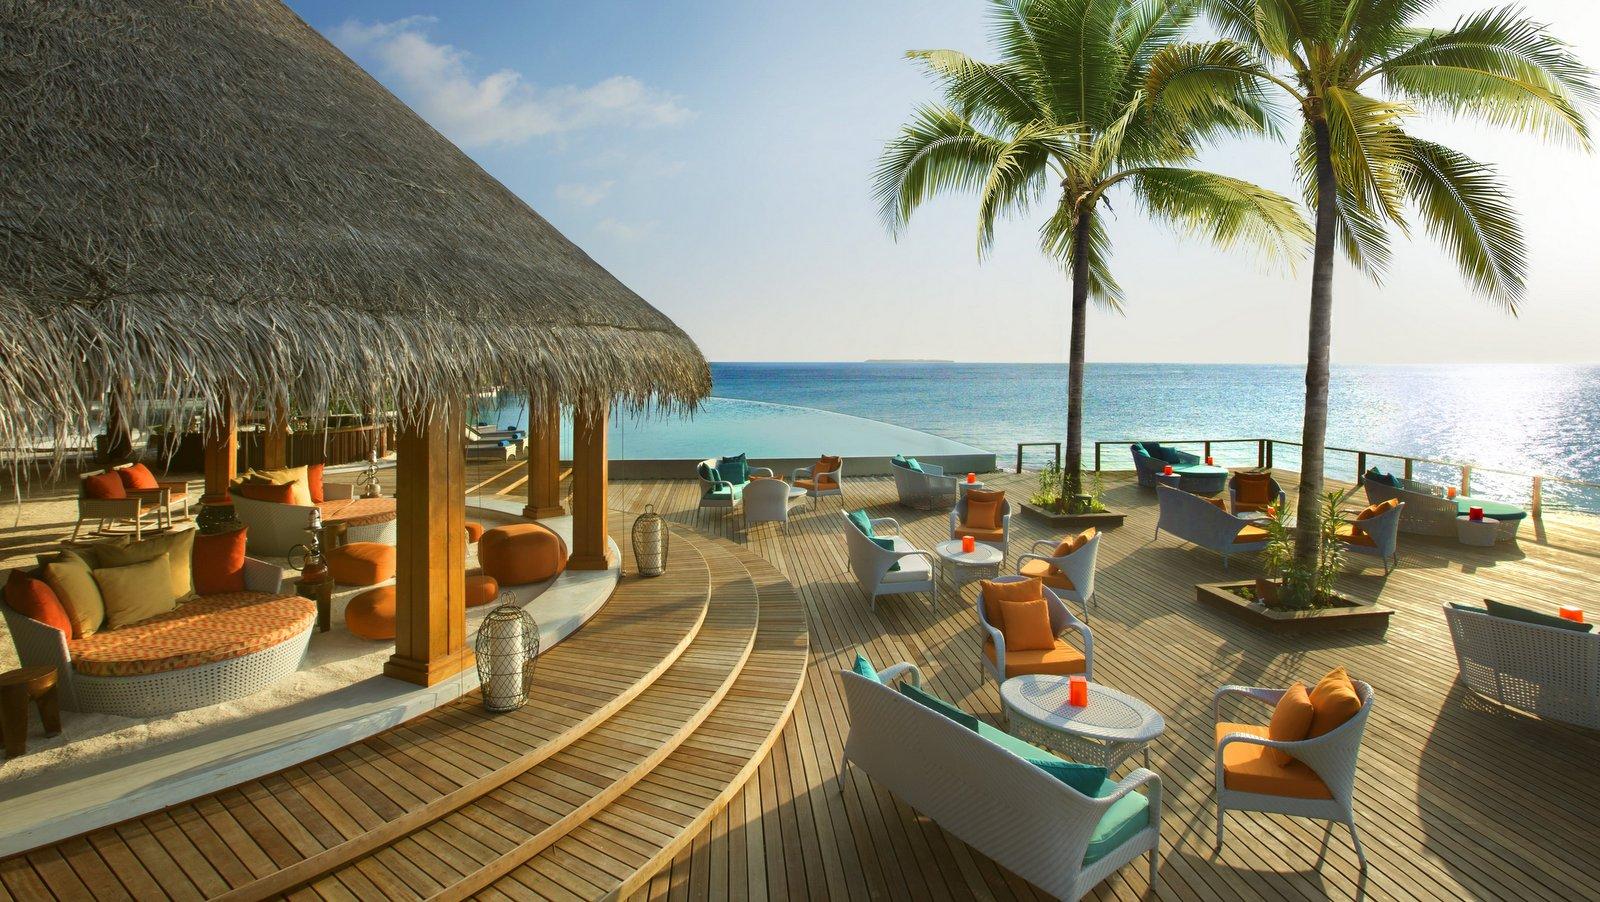 Мальдивы, отель Dusit Thani Maldives, бар Sand